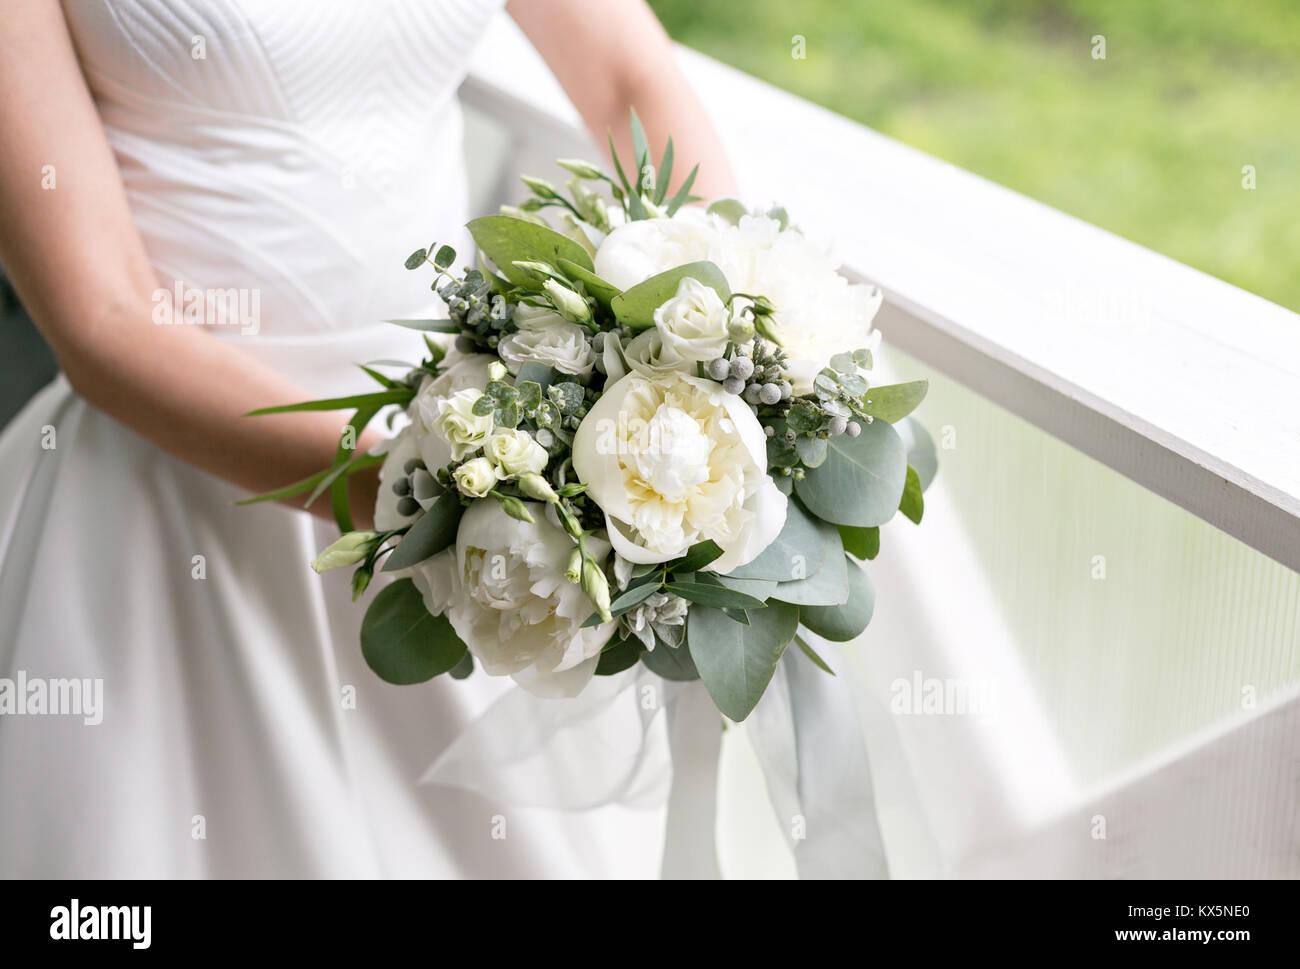 Braut Mit Wedding Bouquet Morgen Am Tag Der Hochzeit Im Sommer